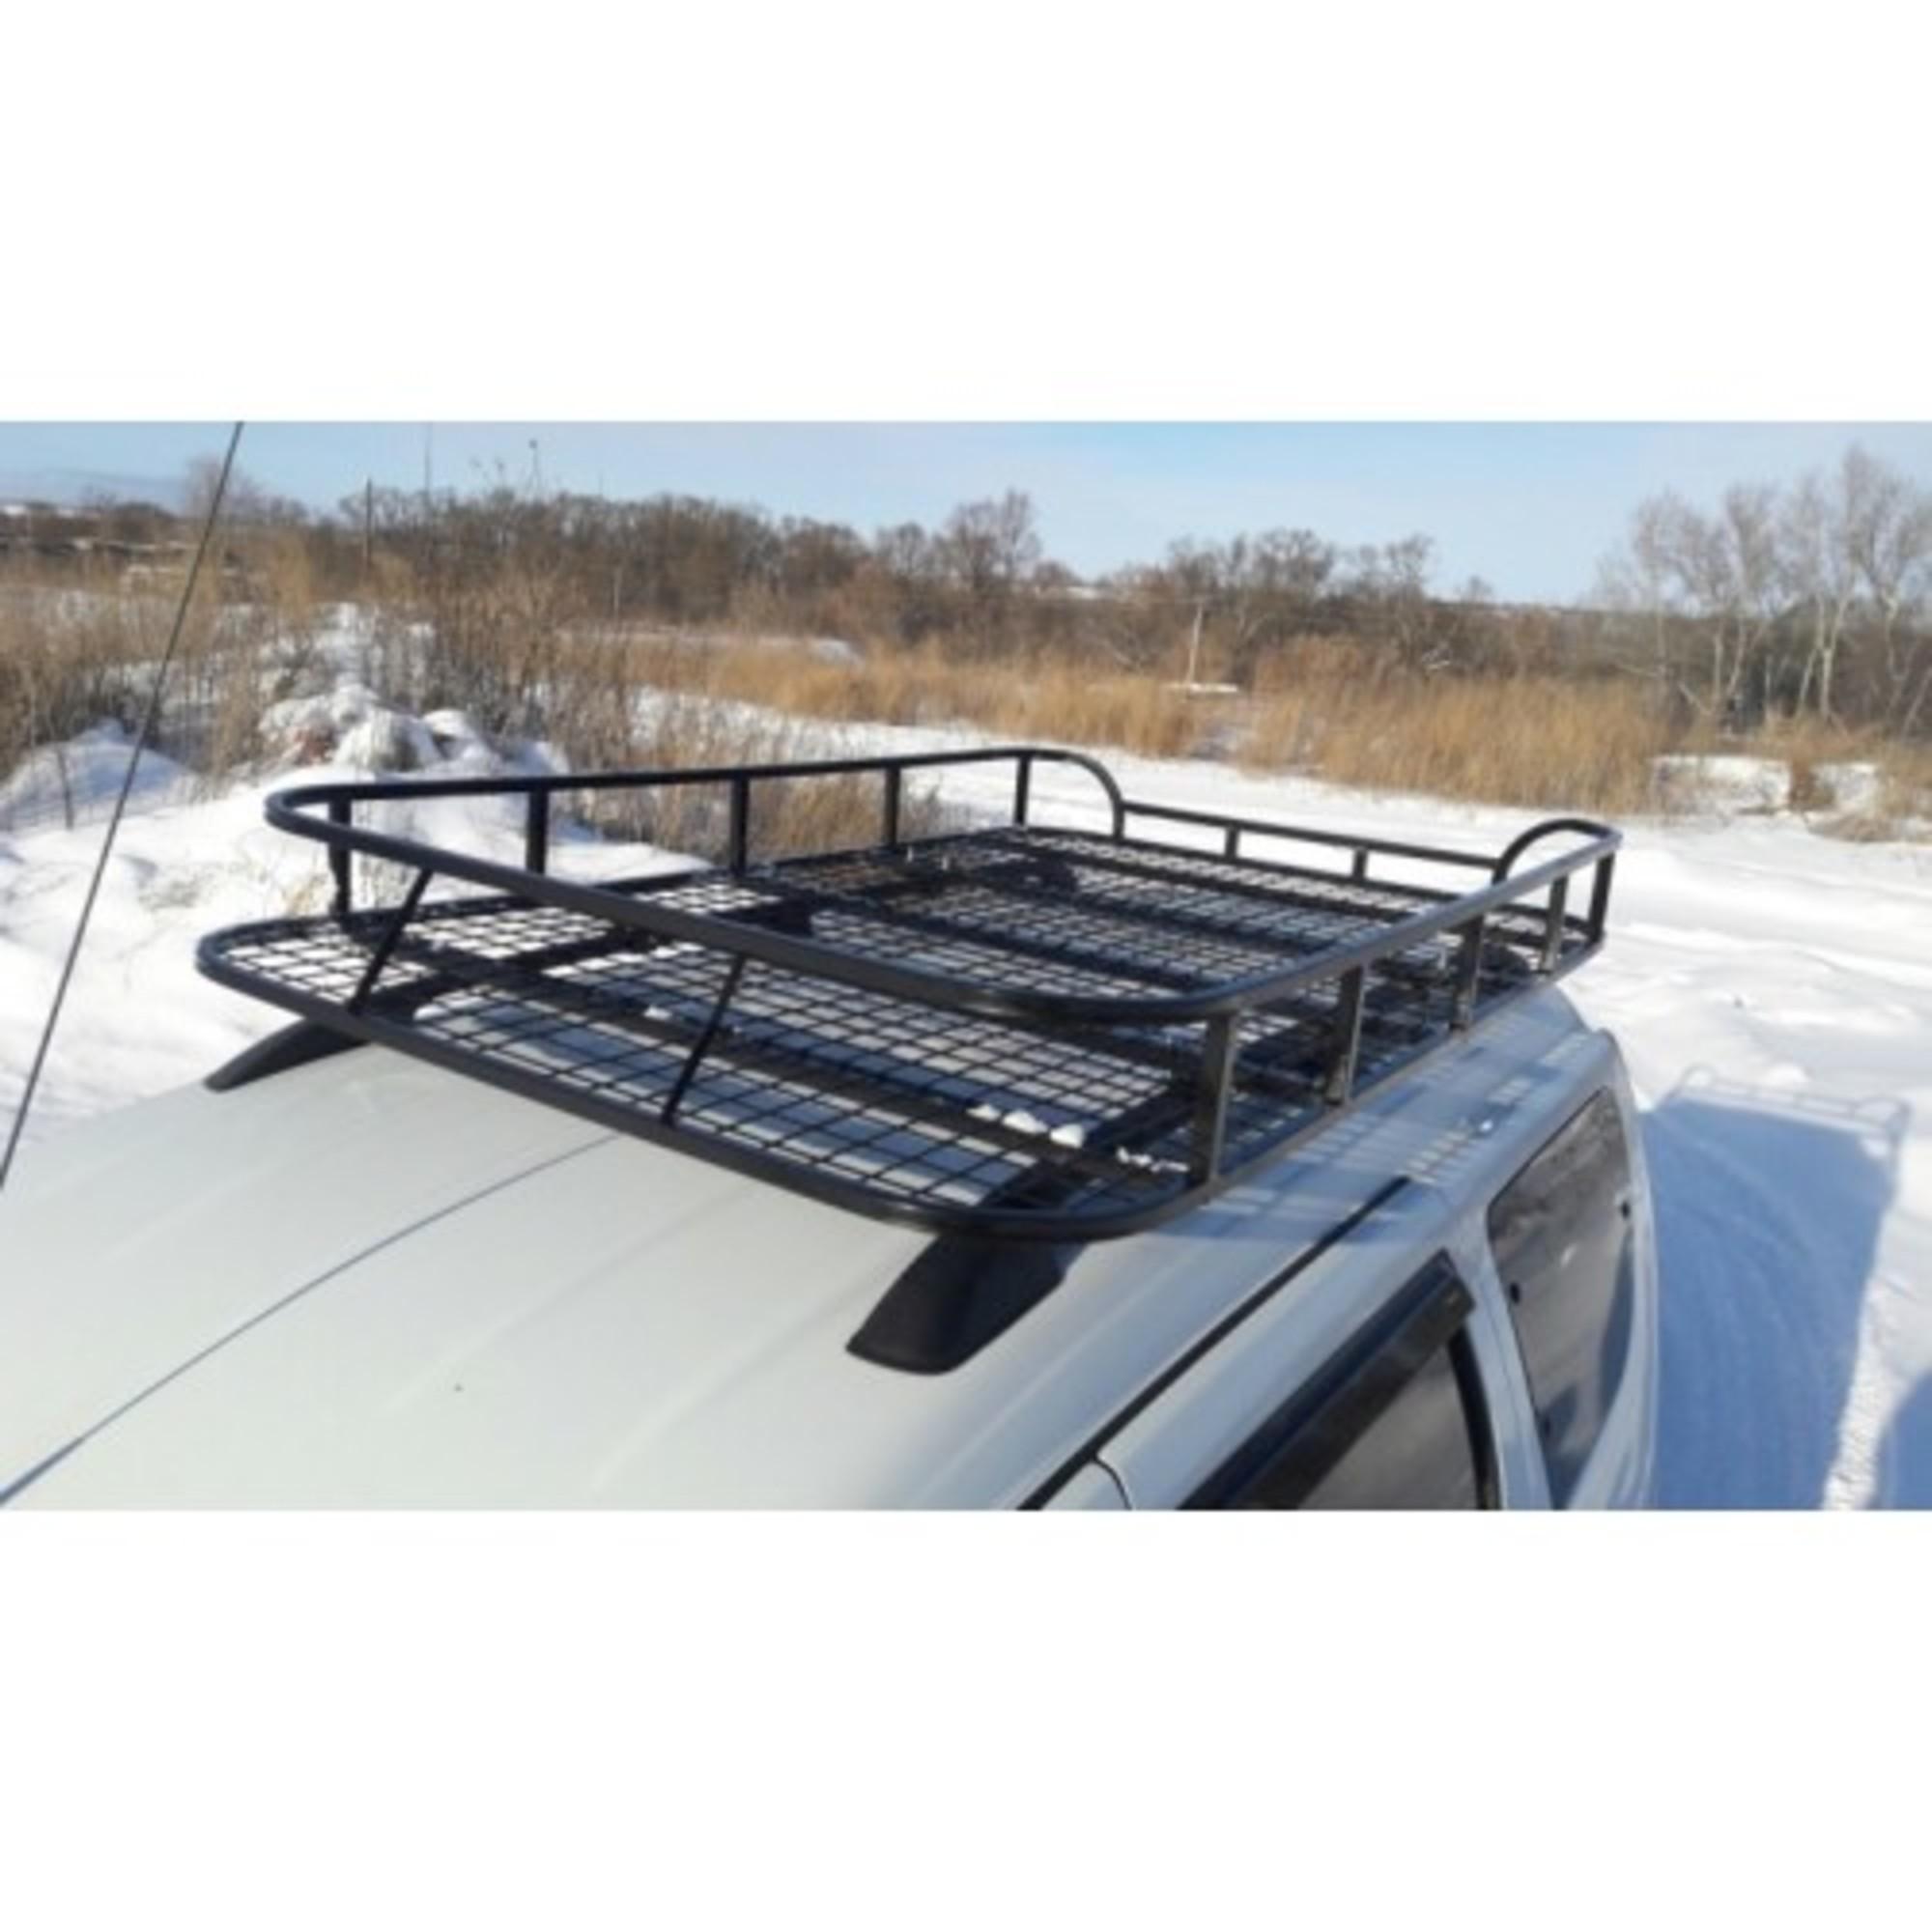 Багажник на Ларгус ЭКСПИДИЦИЯ с сеткой (крепление на рейлинги или в места крепления рейлингов)